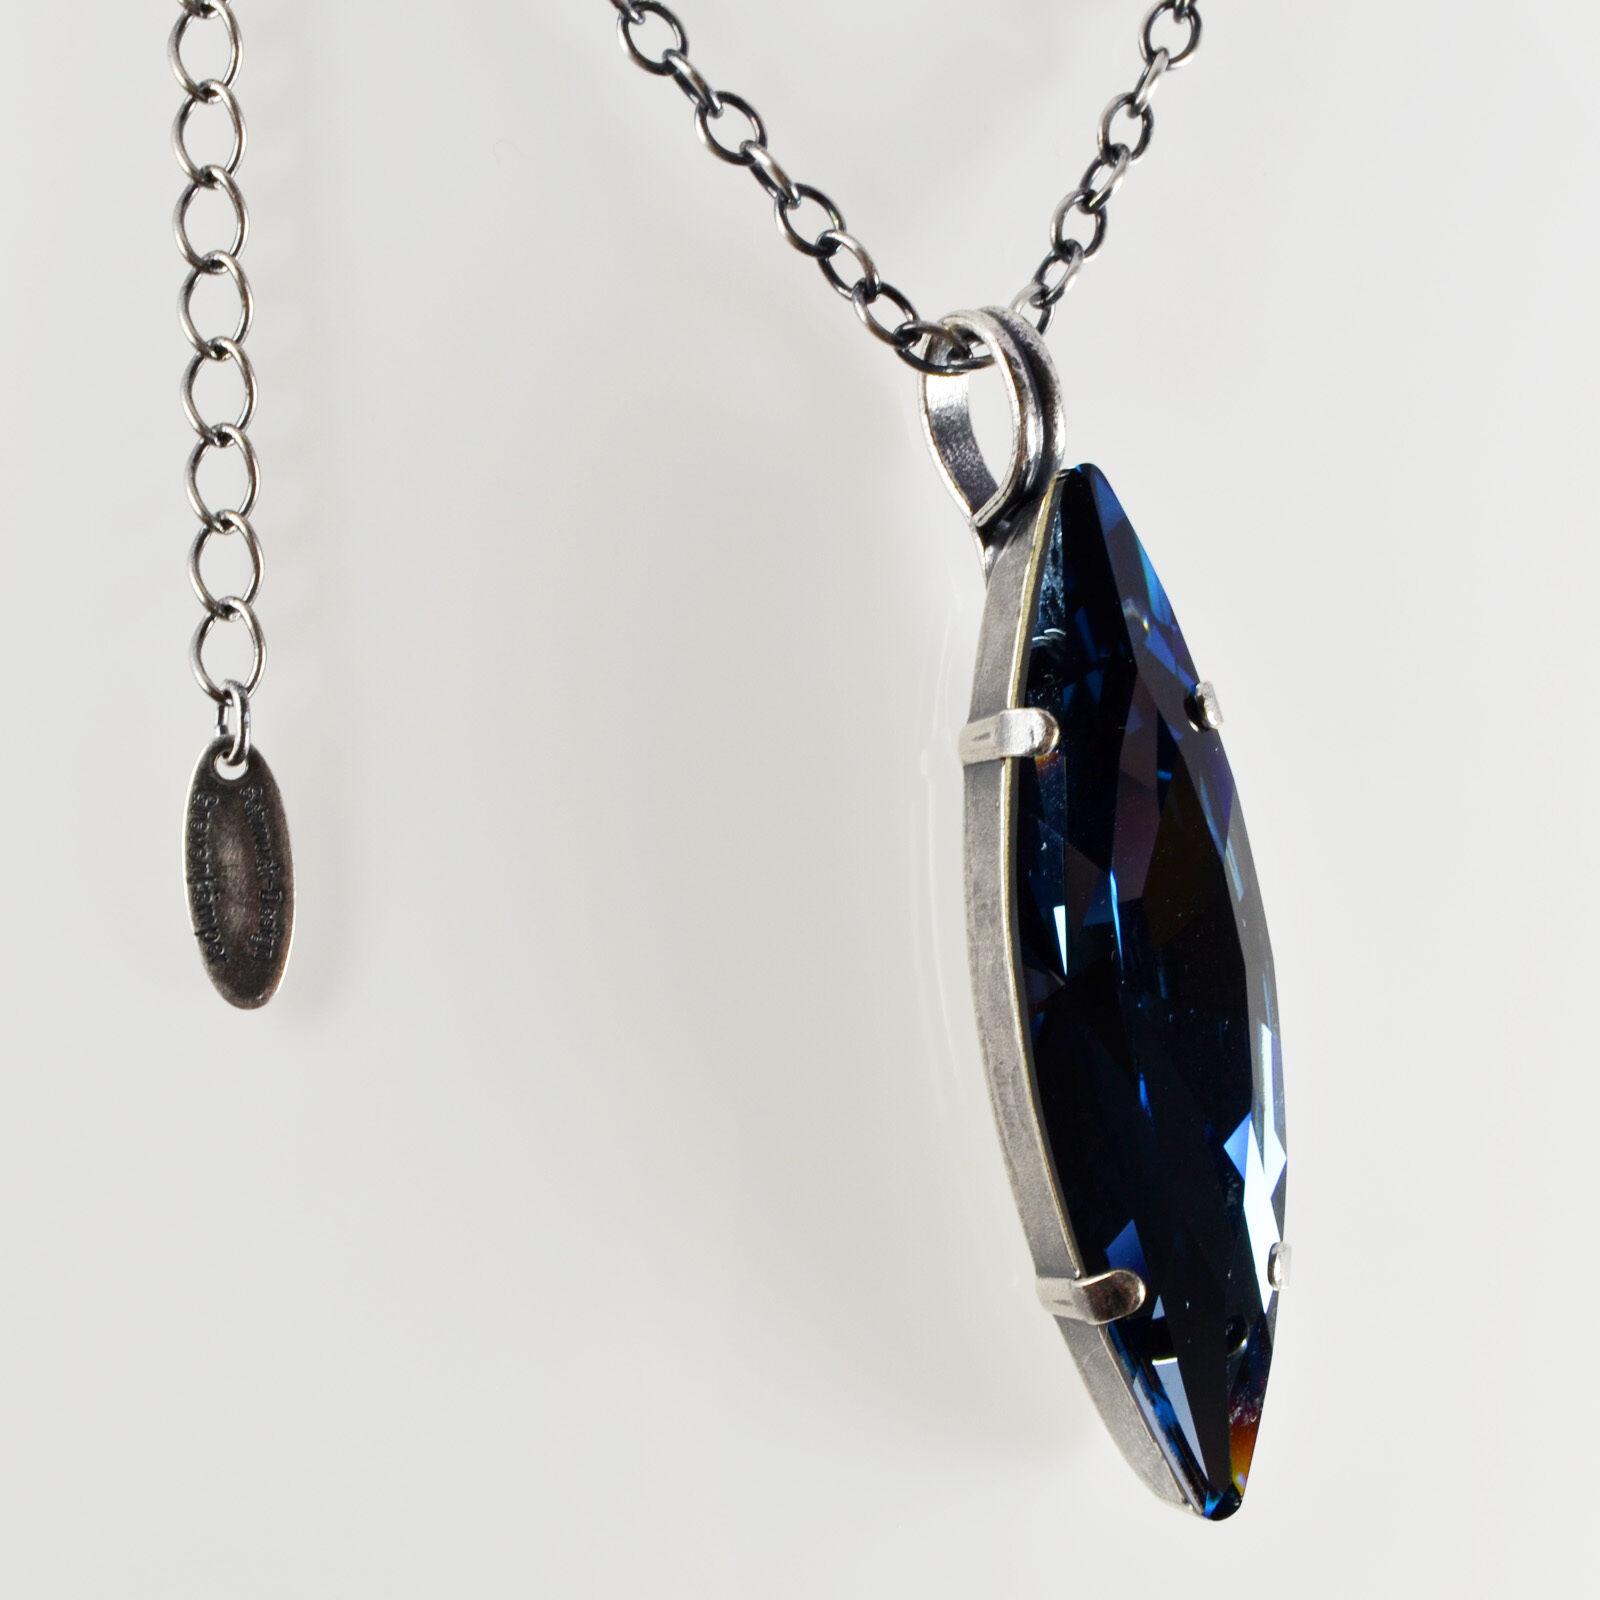 COLLANA catena lunga argentoo + cristallo Swarovski navette OVALE – – – DENIM blu BLU 2fdd1b